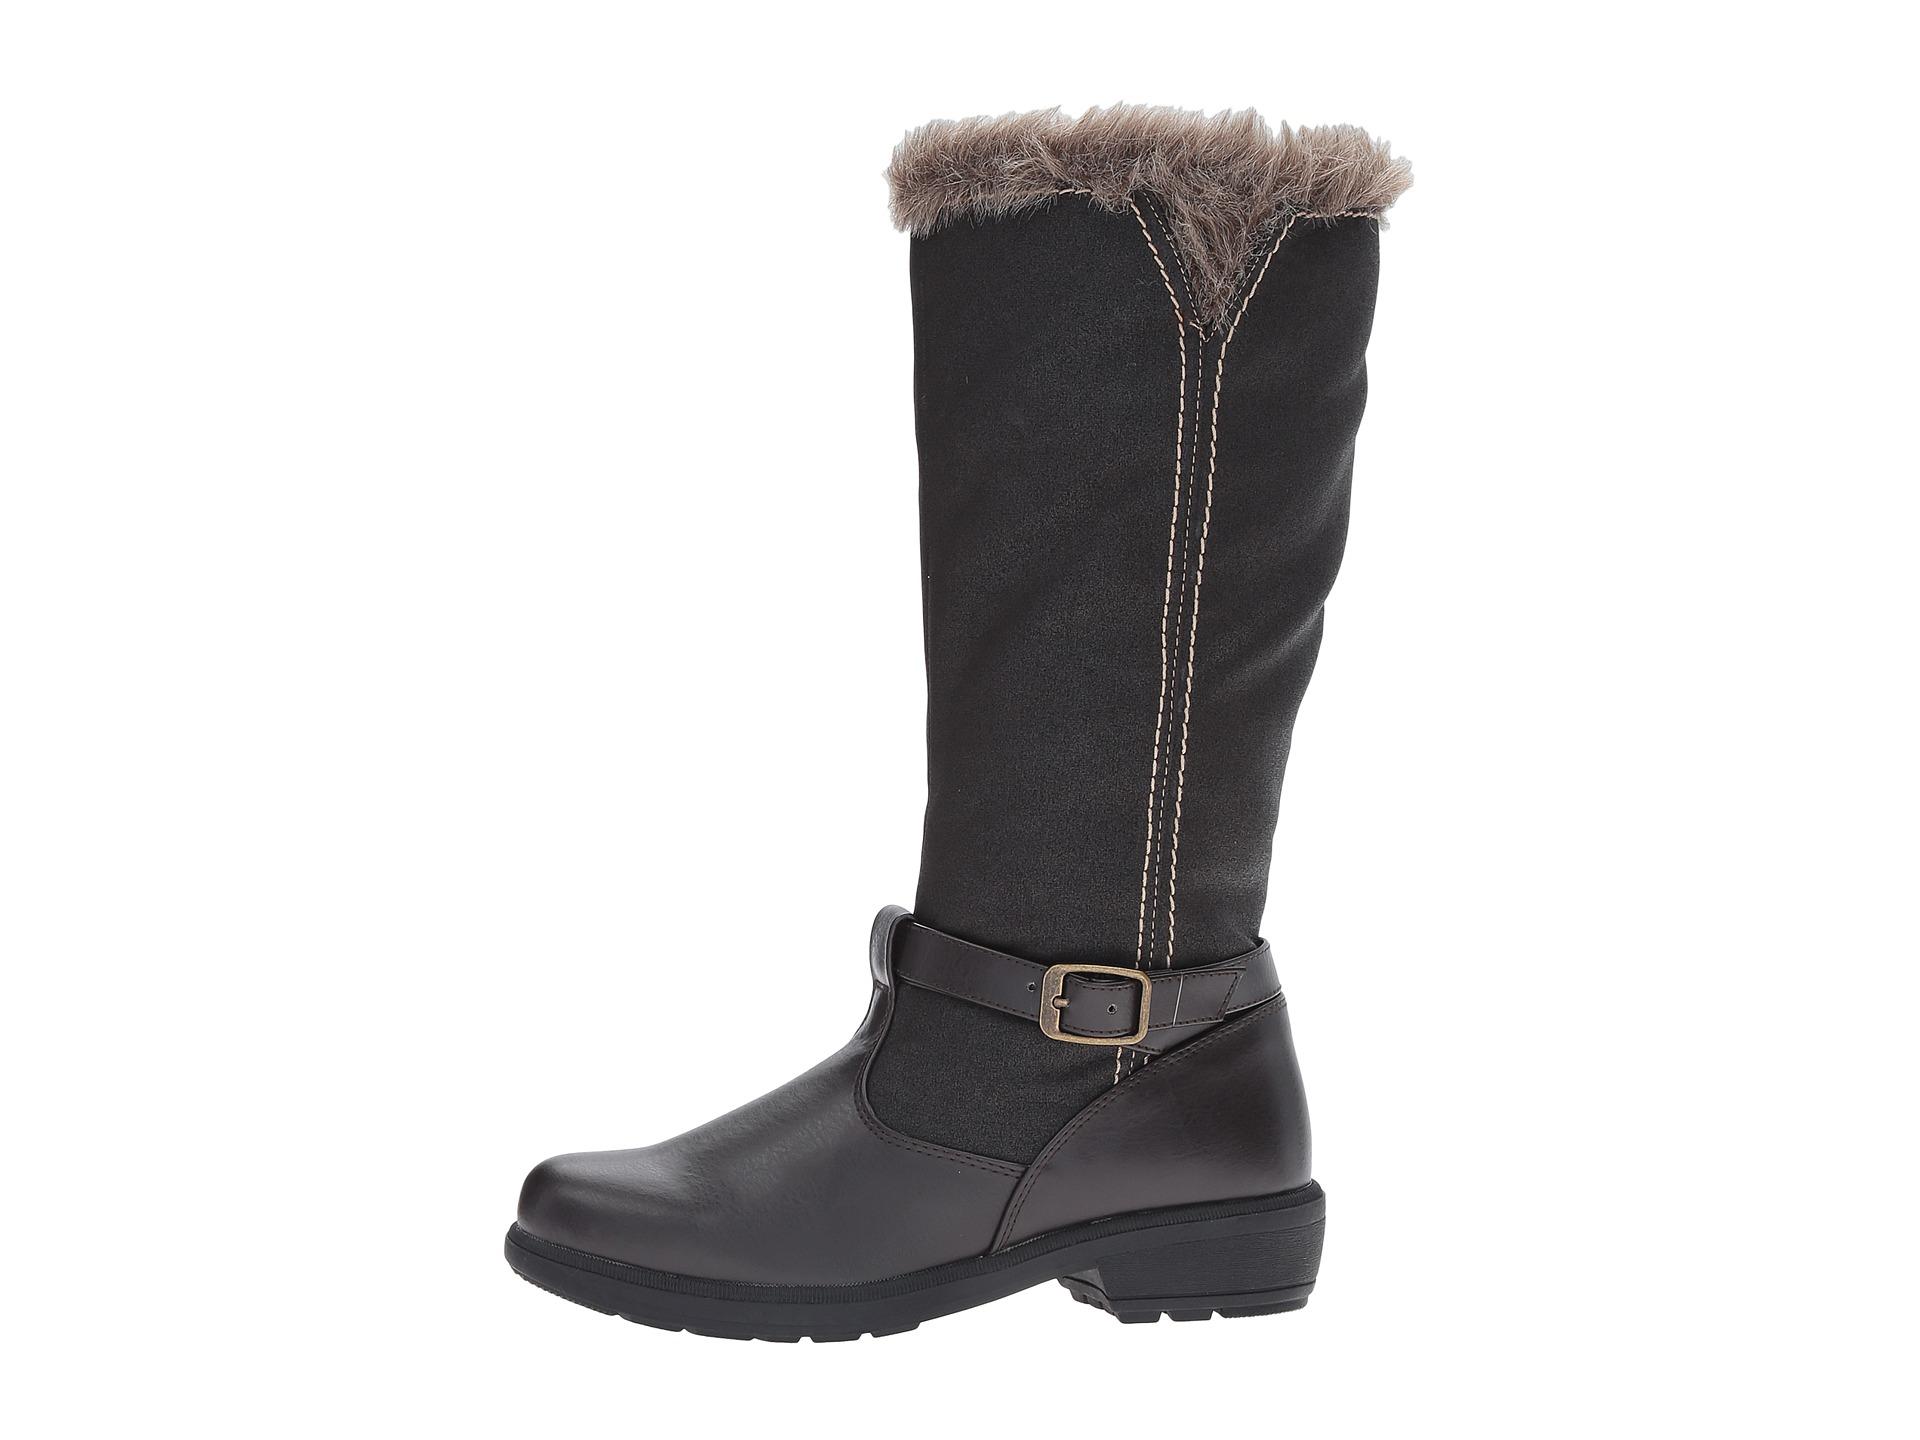 tundra boots mai at zappos